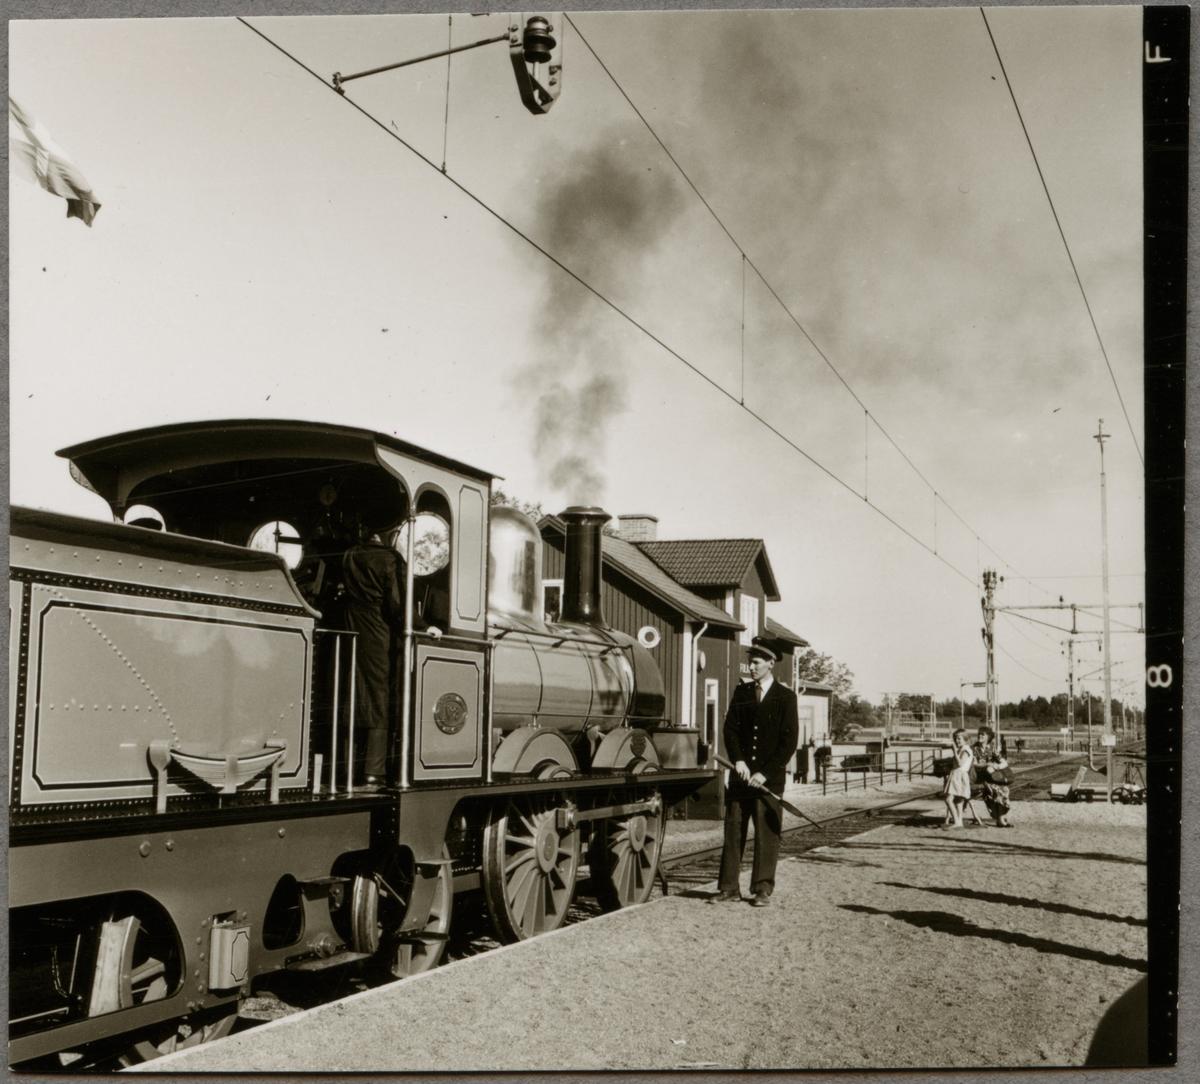 Från Trafikaktiebolaget Grängesberg - Oxelösunds Järnvägar, TGOJ:s styrelseresa maj 1956. Oxelösund - Flen - Västmanlands Järnväg, OFWJ A 8.